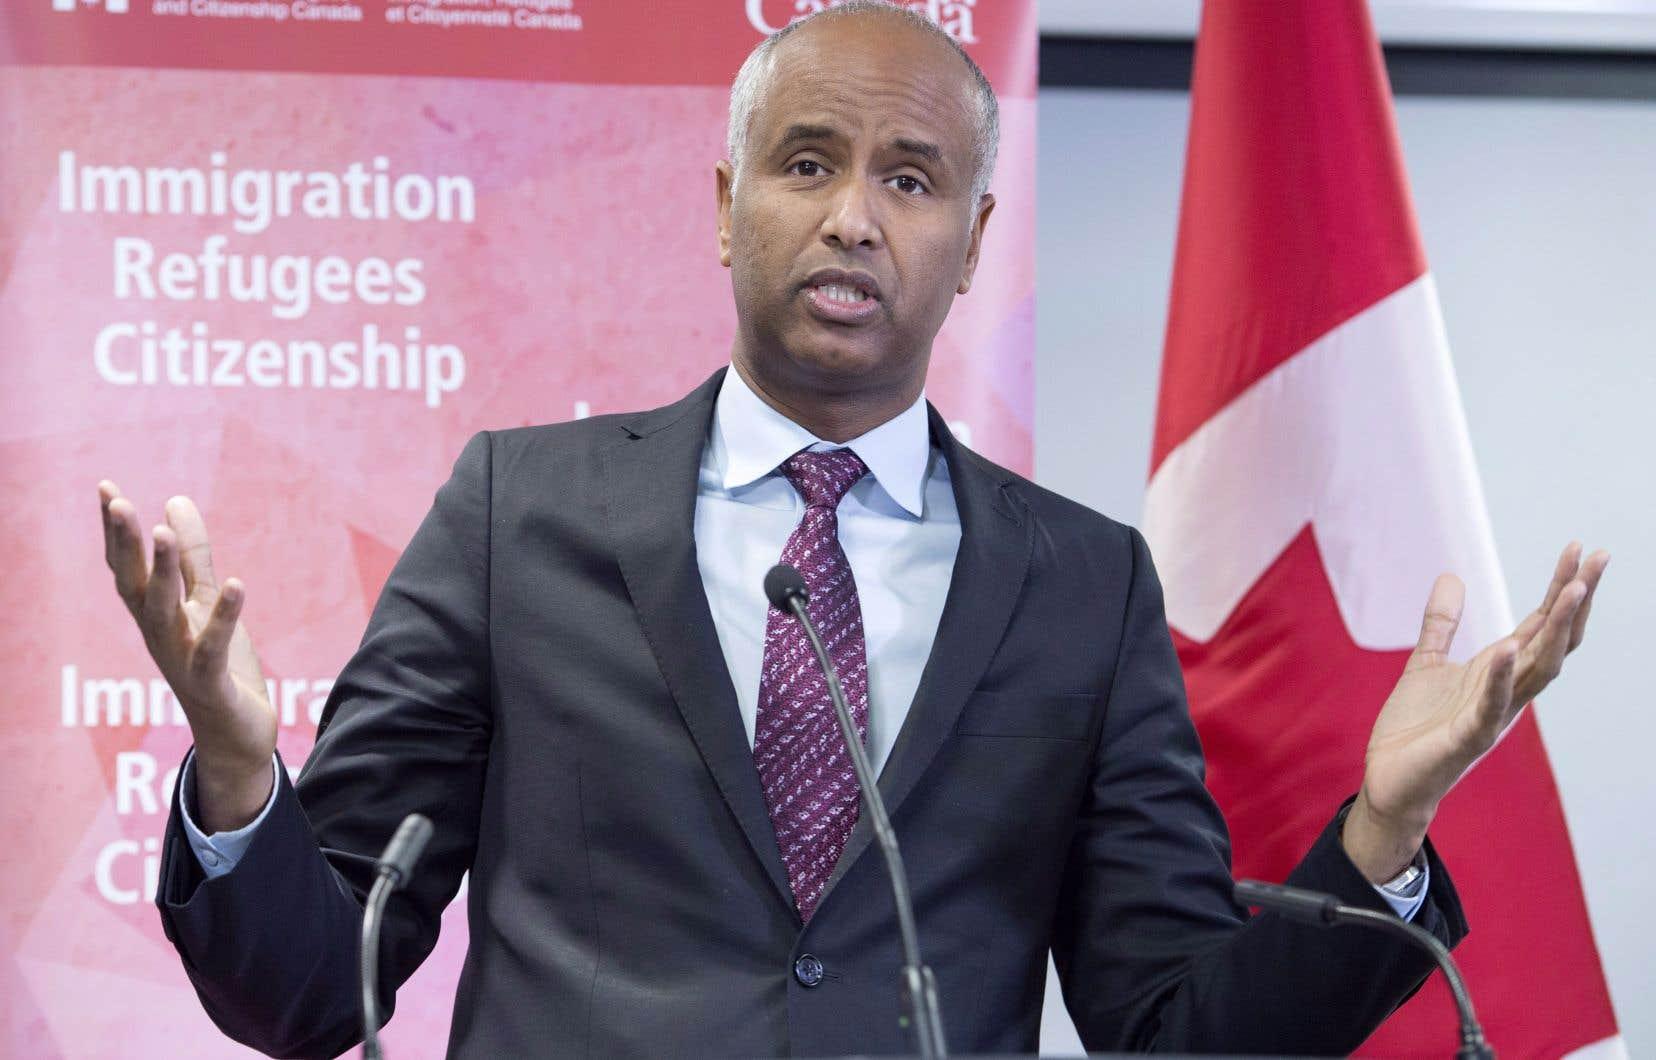 Le ministre de l'Immigration, Ahmed Hussen, estime que les demandeurs d'asile ne devraient pas effectuer une demande au Canada si celle-ci a déjà étéréclamée dans un pays qui offre un système d'asile comparable.